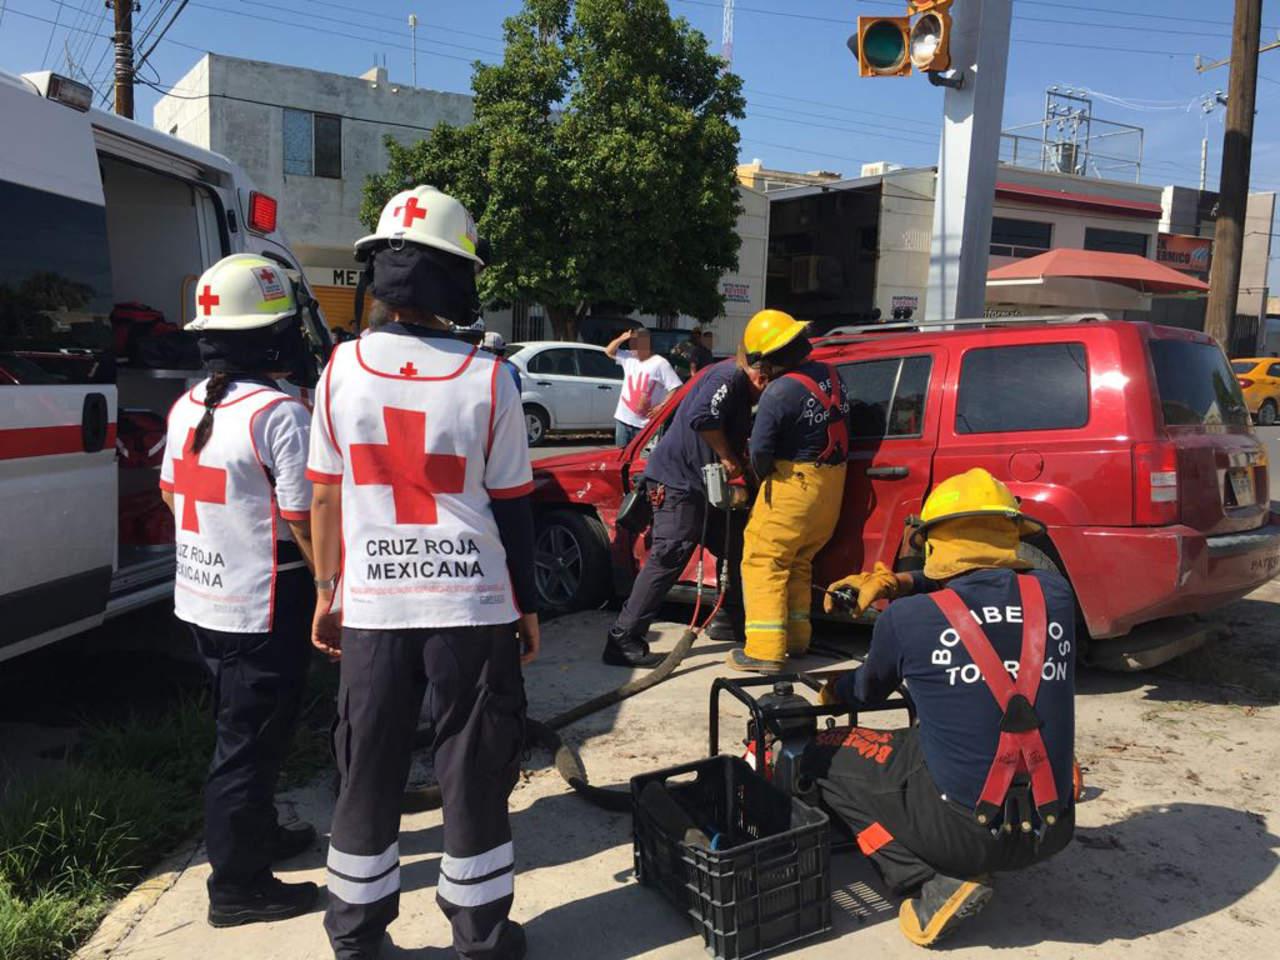 Mujeres quedan prensadas tras accidente vial en Torreón